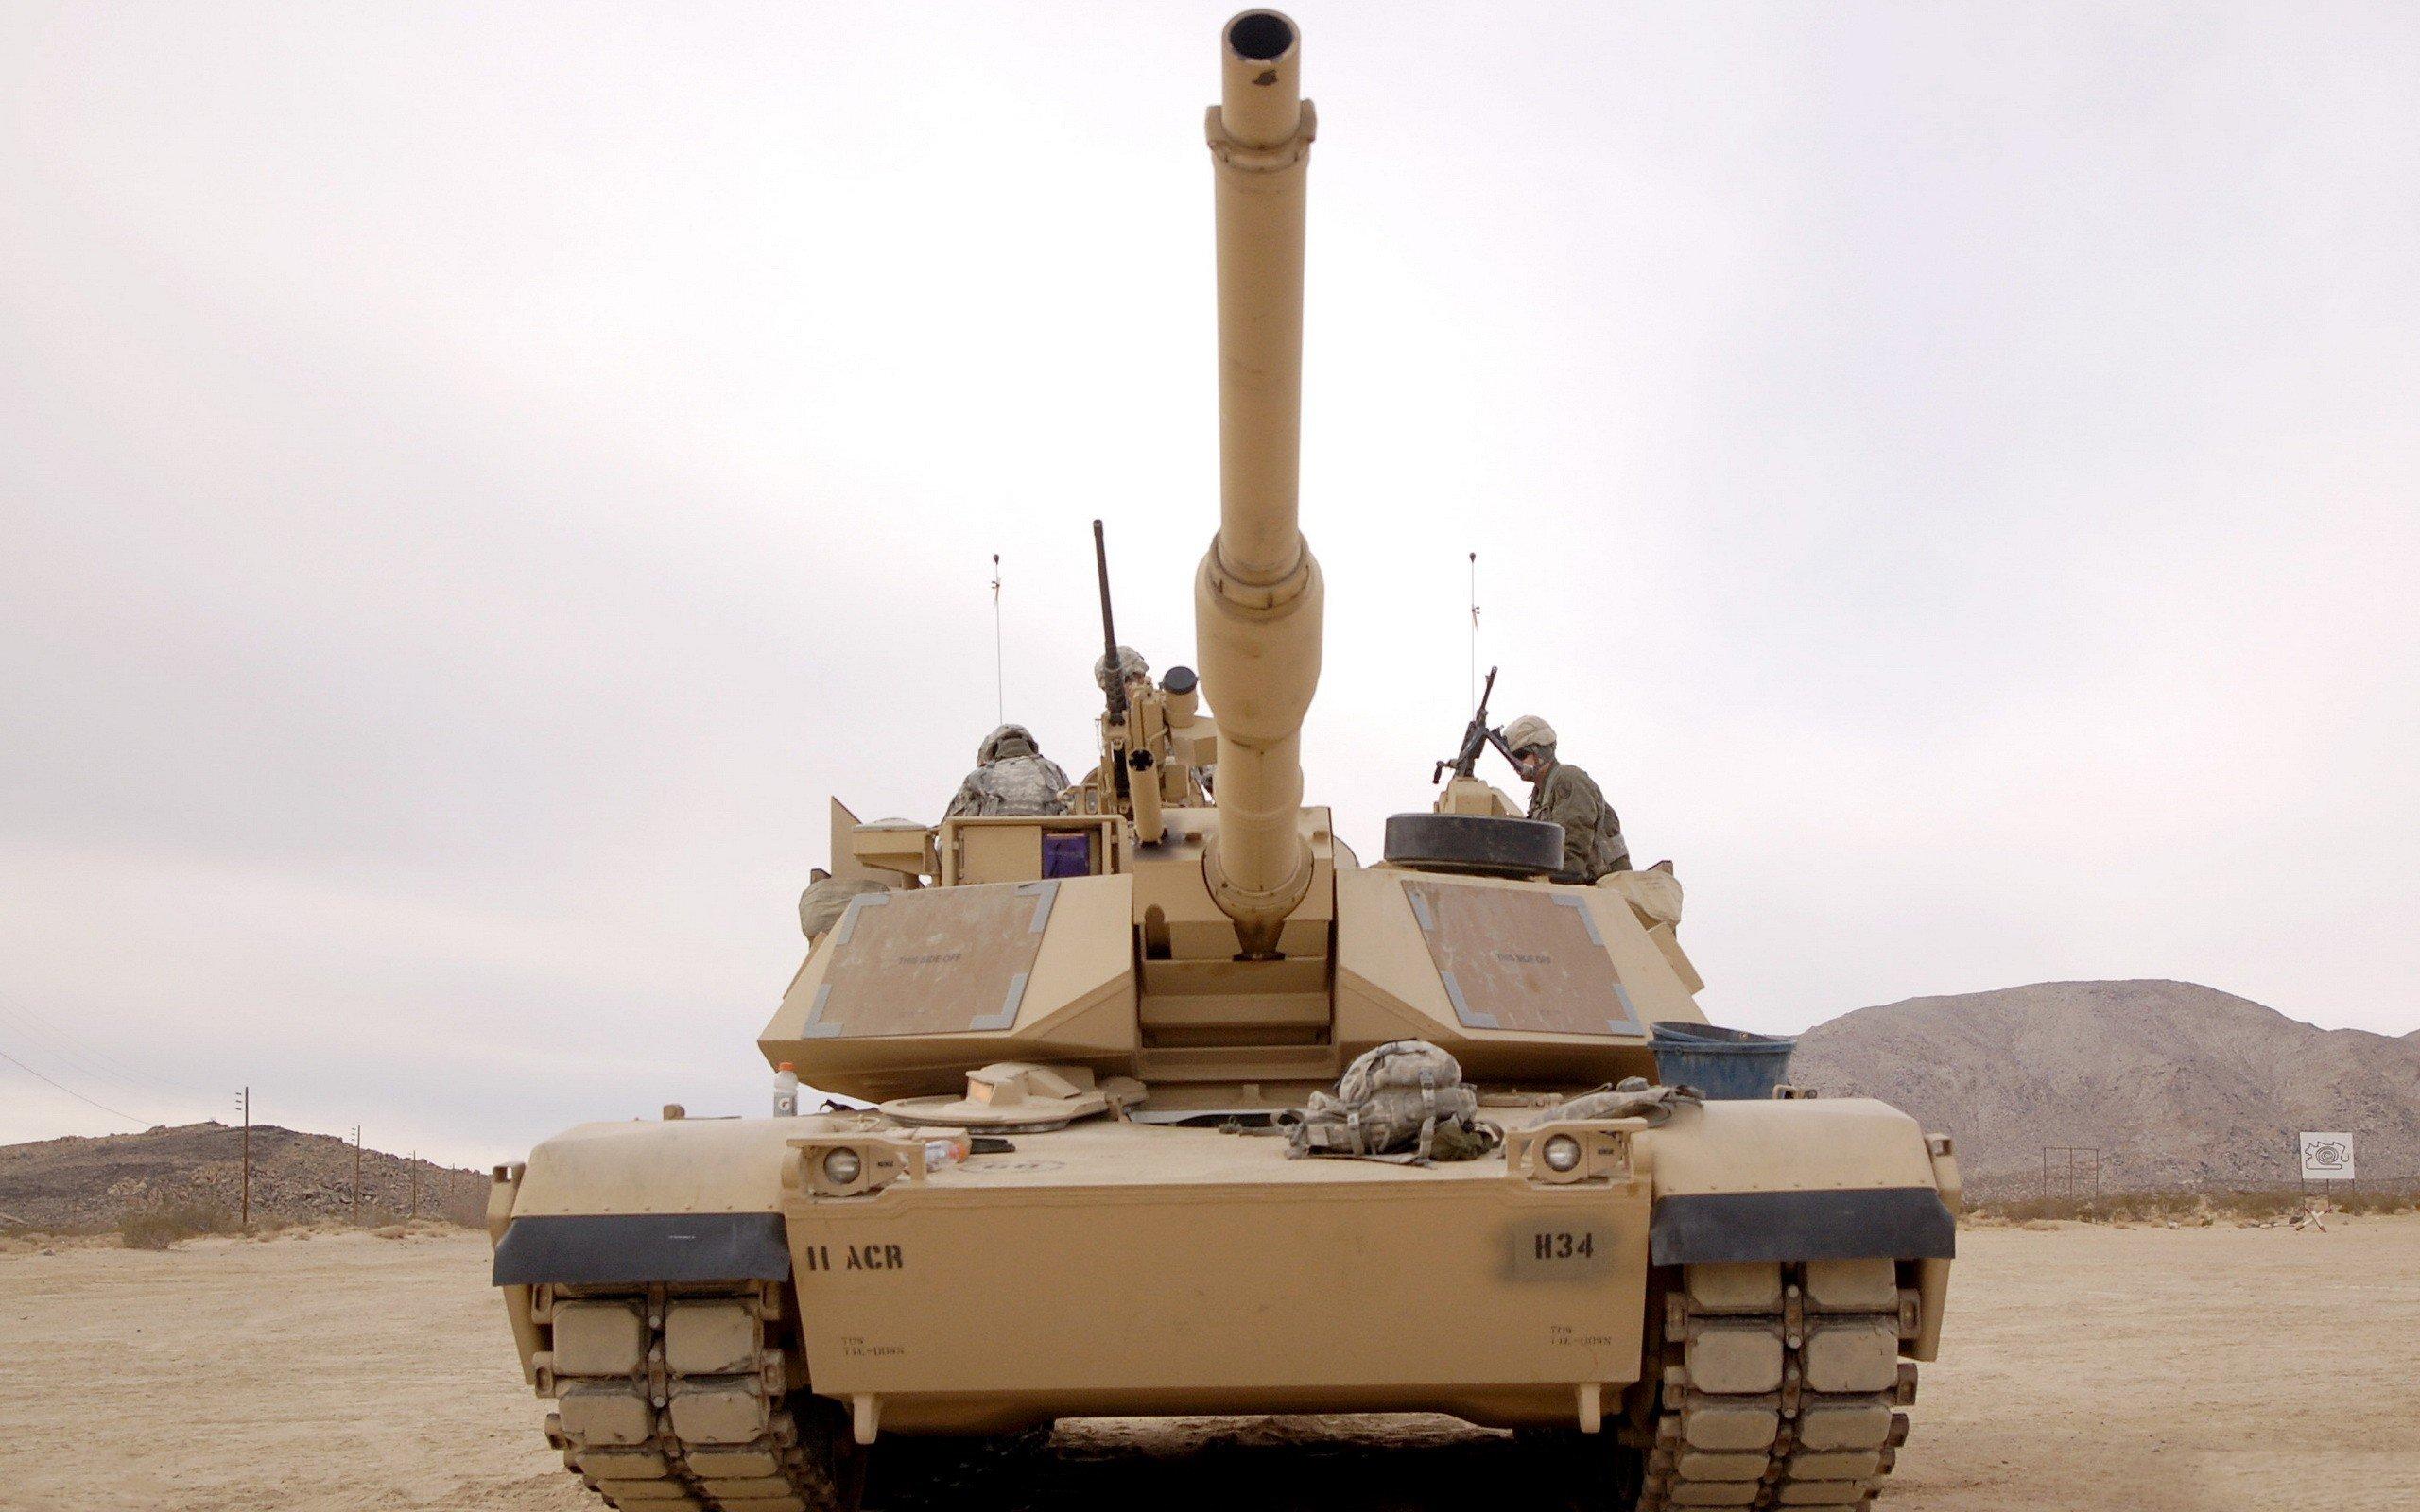 танк, солдаты, экипаж